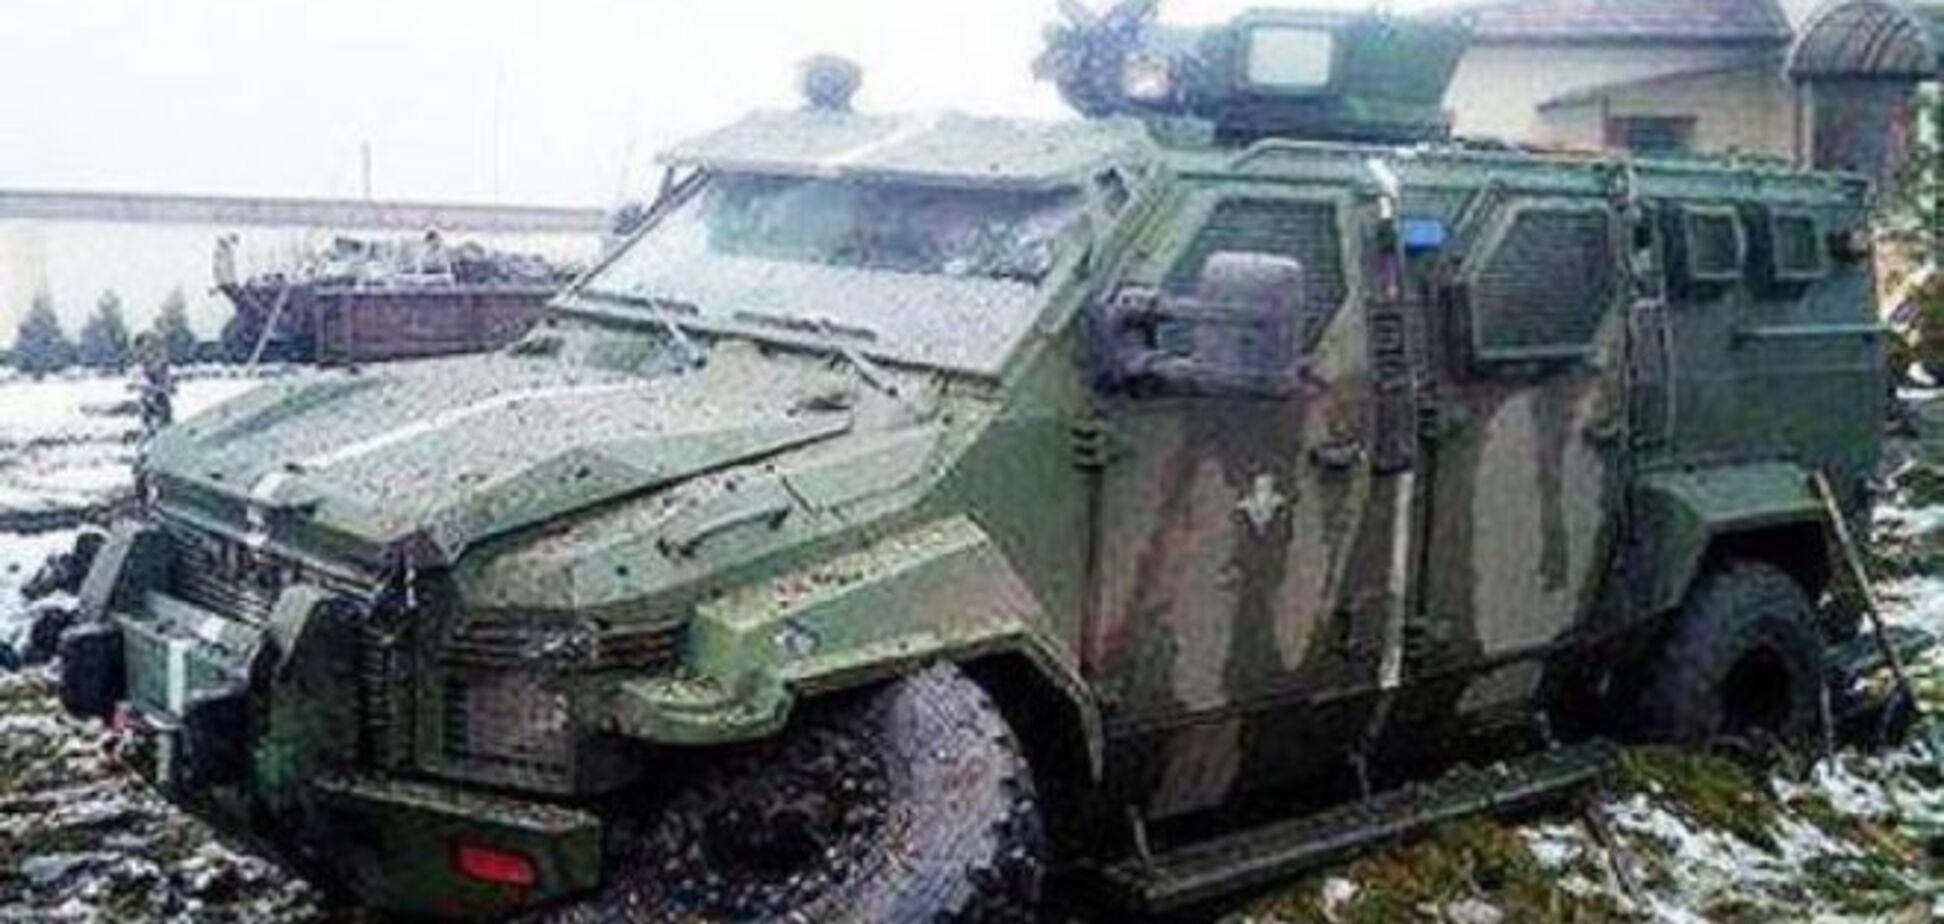 Развенчание 'Спартана' - у новейшего бронеавтомобиля проходимость хуже, чем у бюджетного 'китайца'